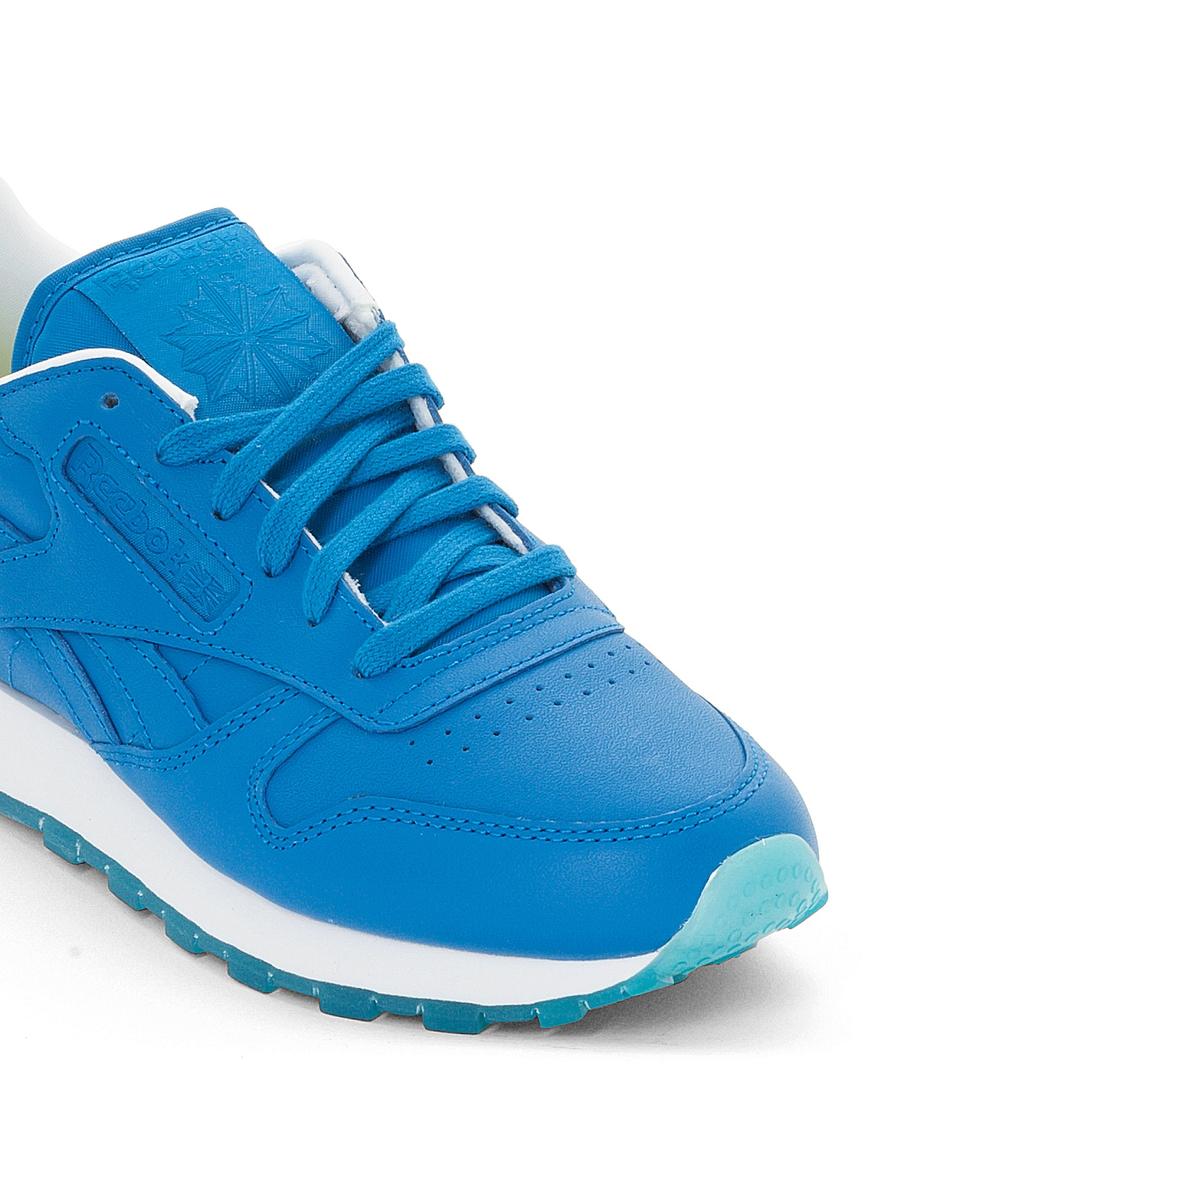 Imagen secundaria de producto de Zapatillas deportivas CLASSIC CL LTHR FACE - Reebok